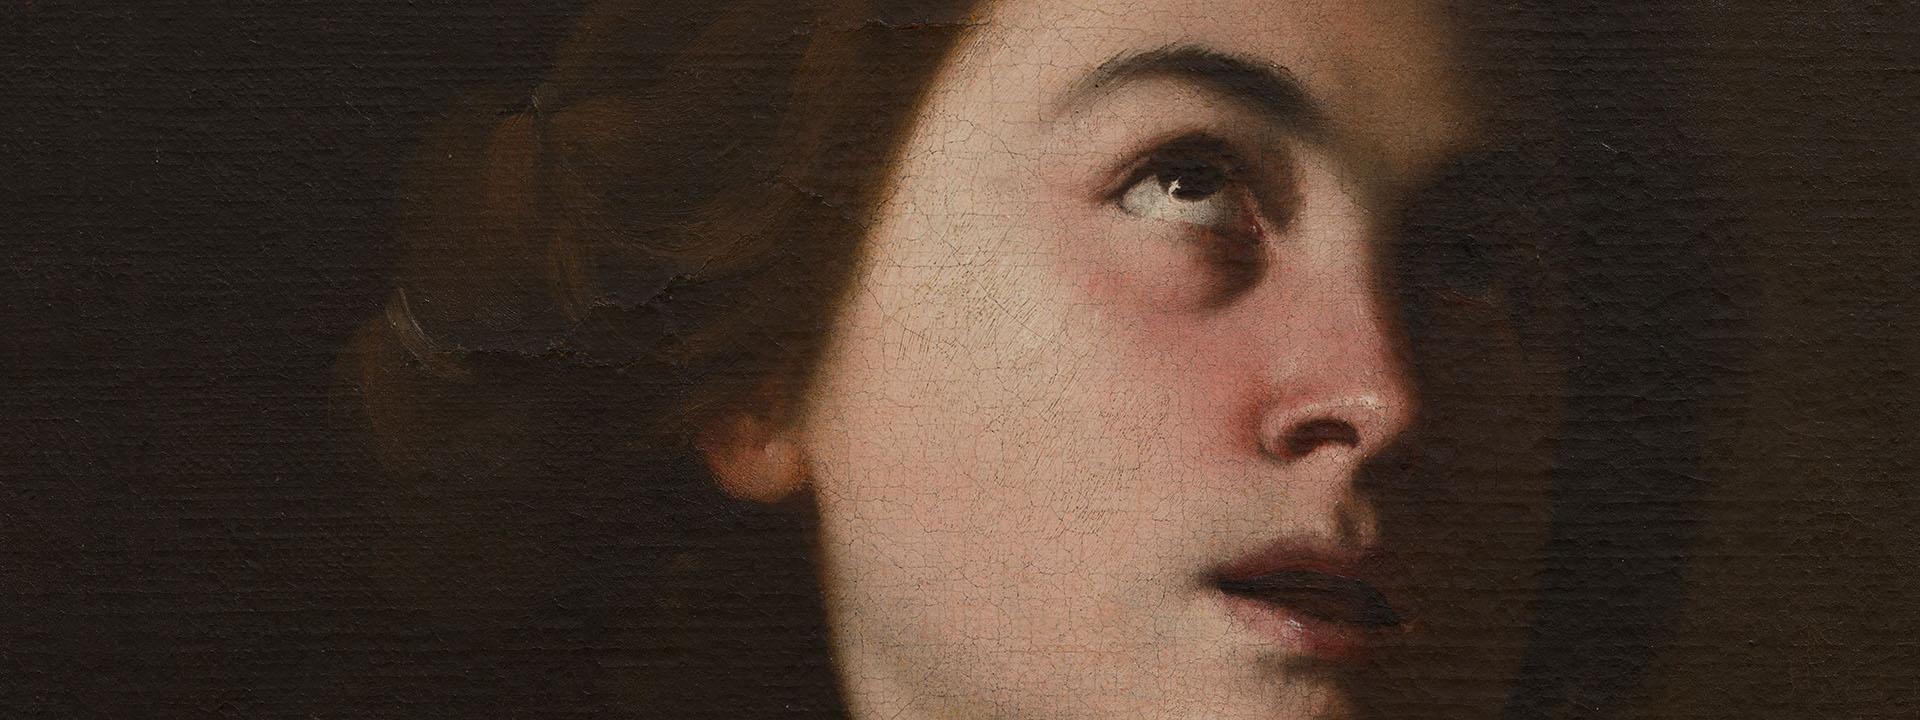 &nbsp&nbspSANTA ÀGUEDA - Massimo Stanzione - Museu de Belles Arts de València